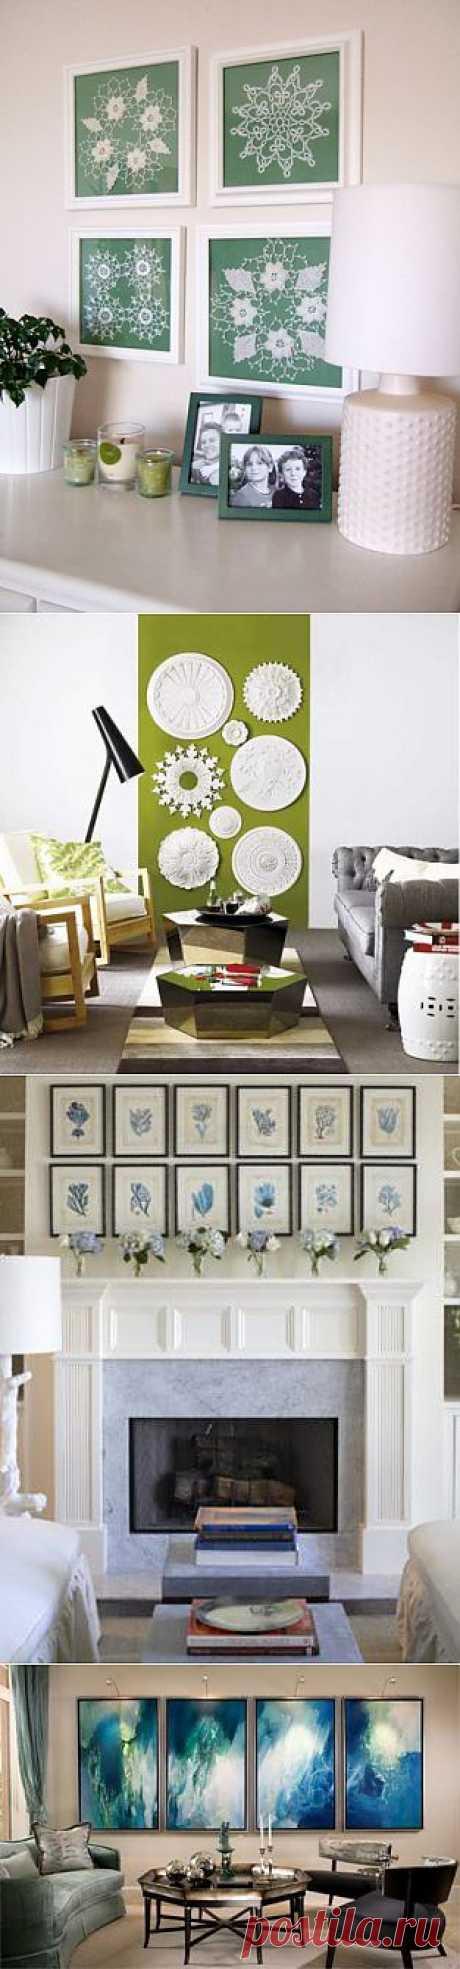 Идеи для украшения стен: множество похожих предметов | Дизайн-Ремонт.инфо. Фото интерьеров. Идеи для дома.